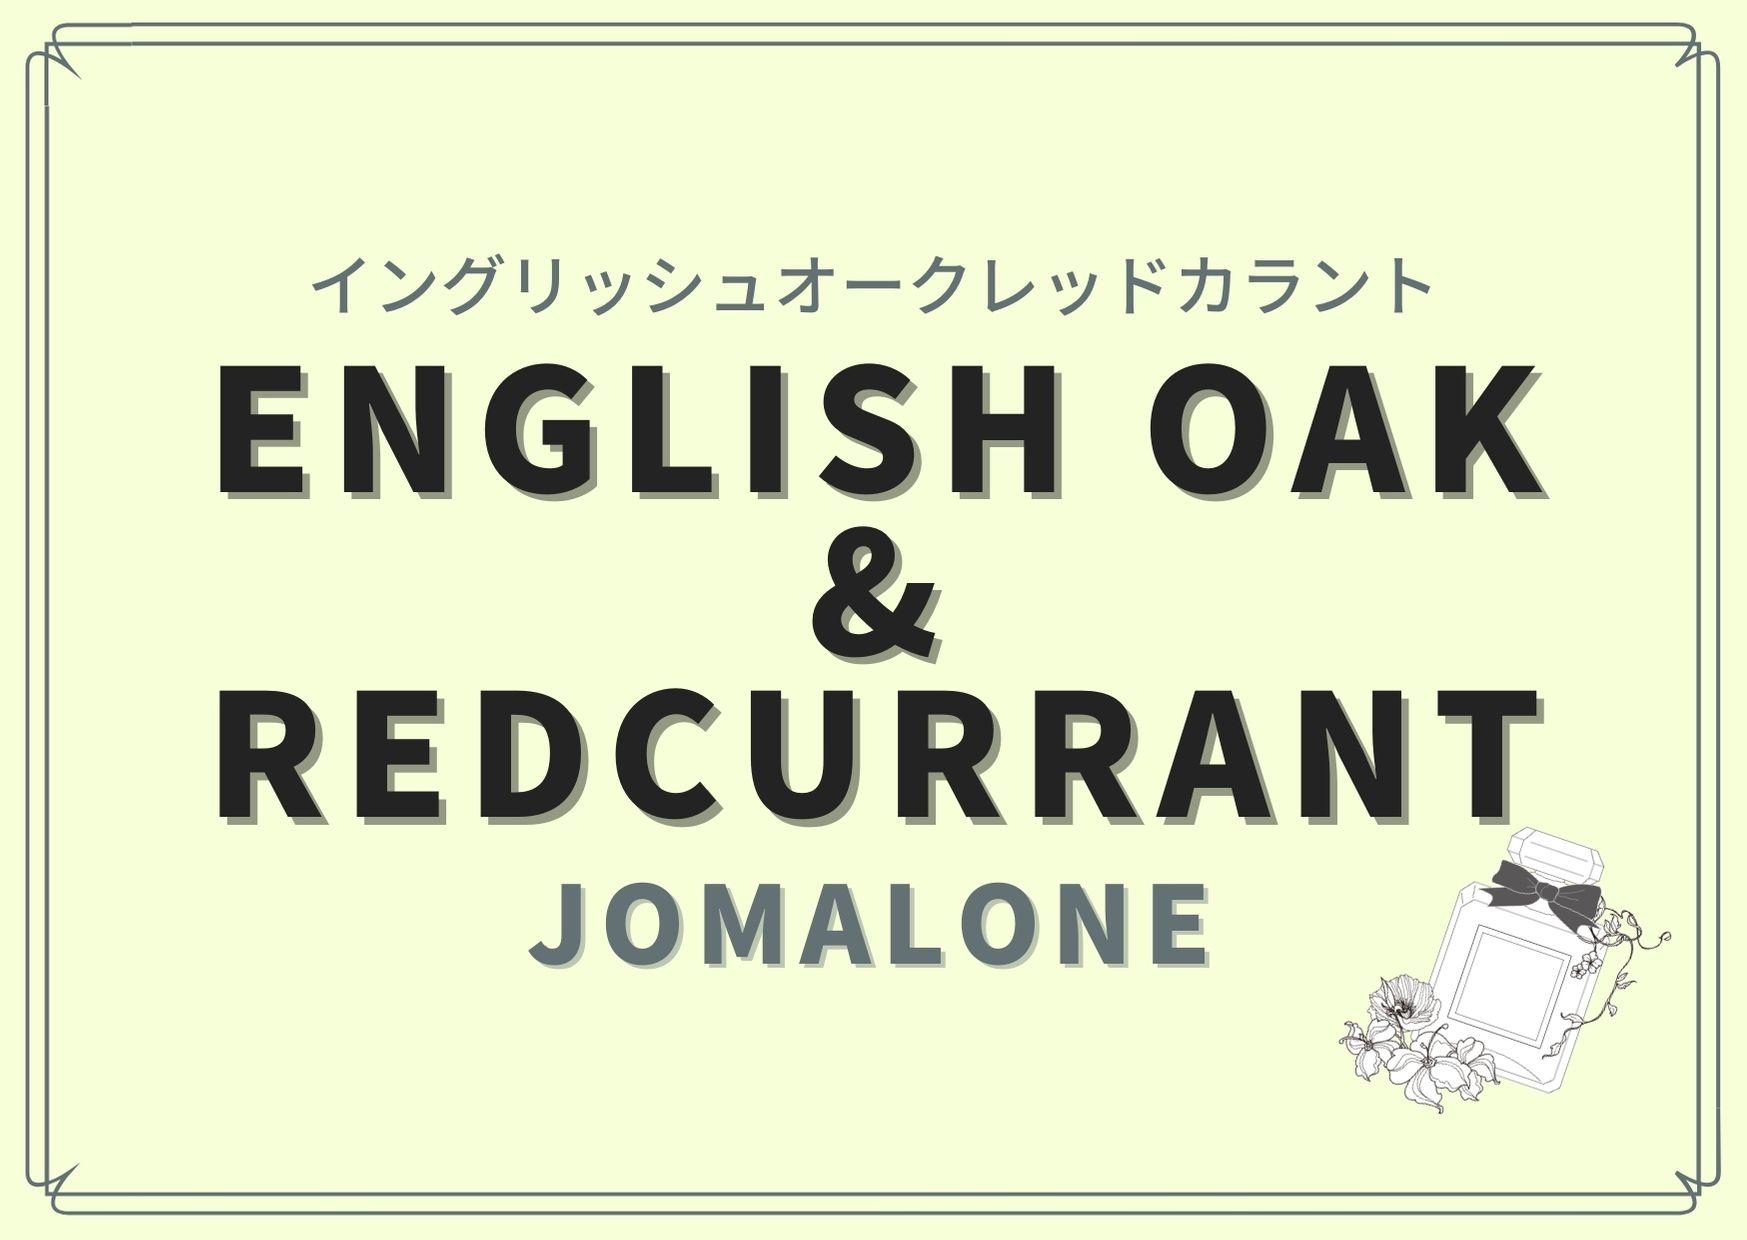 English Oak & Redcurrant(イングリッシュオークレッドカラント)/JoMalone(ジョーマローン)